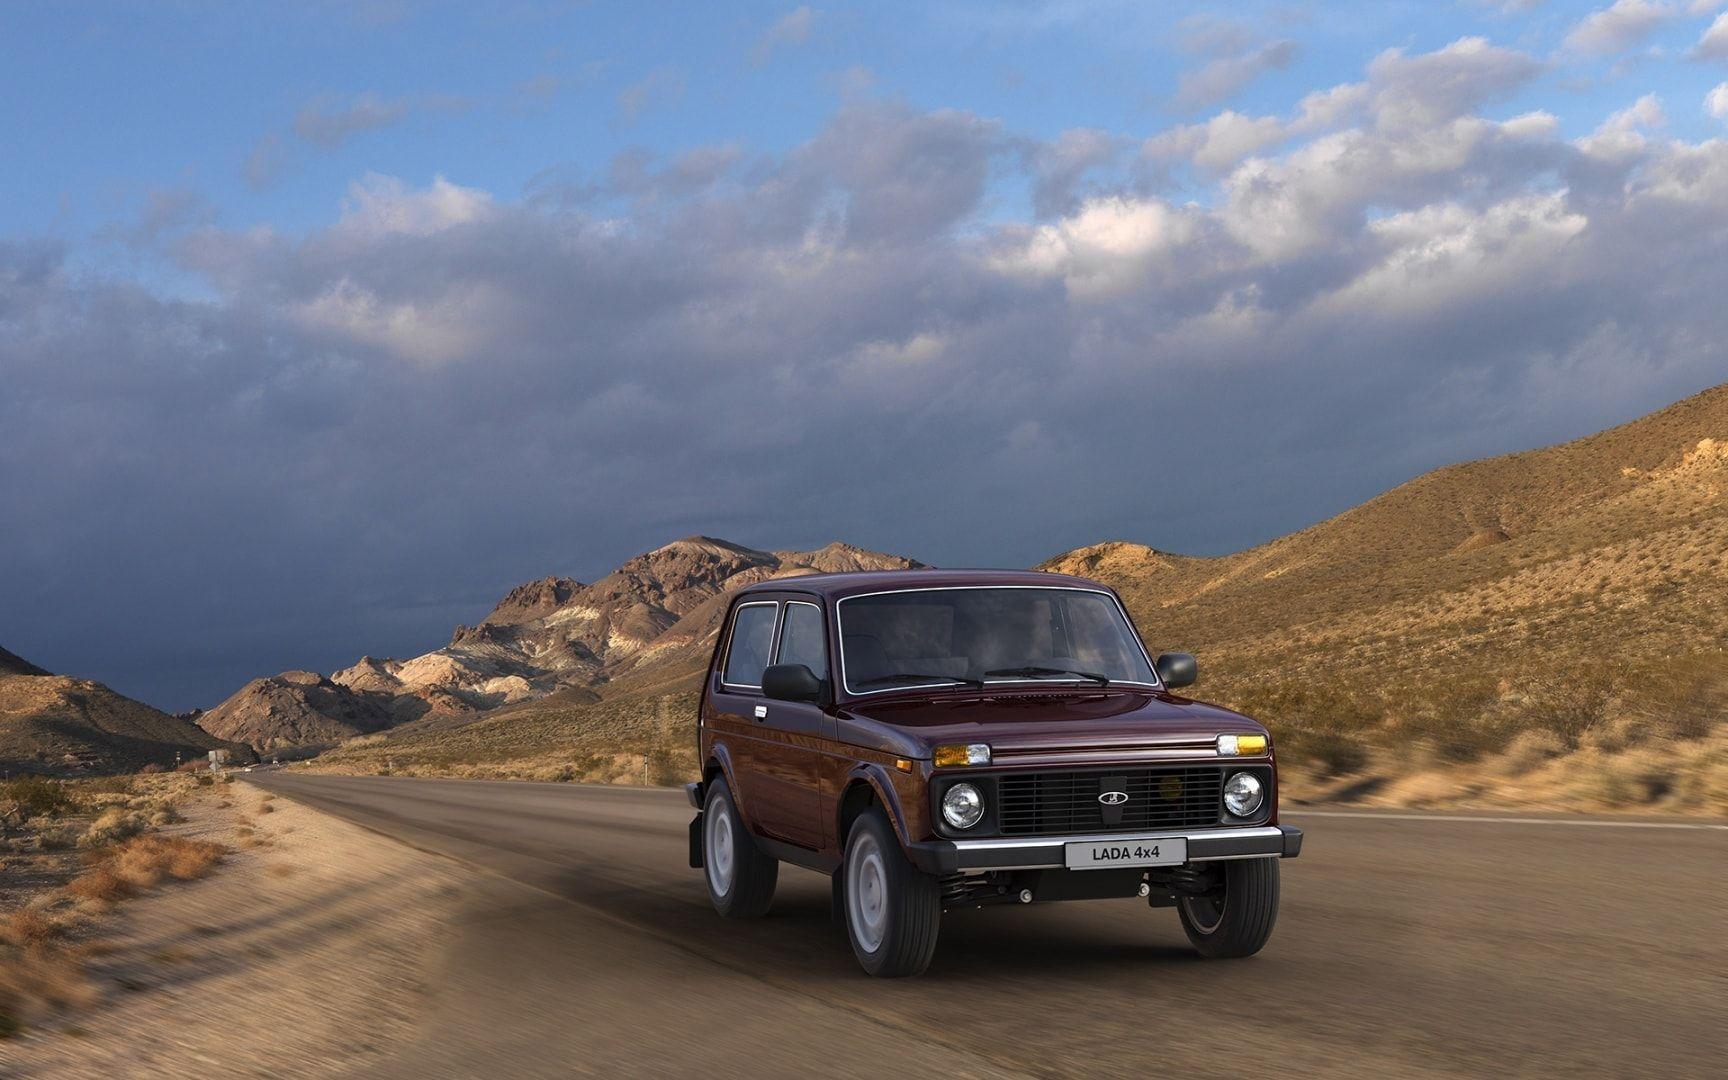 1er grand SUV (ex aequo) le moins cher : Lada 4x4 : Les voitures les moins chères - Linternaute